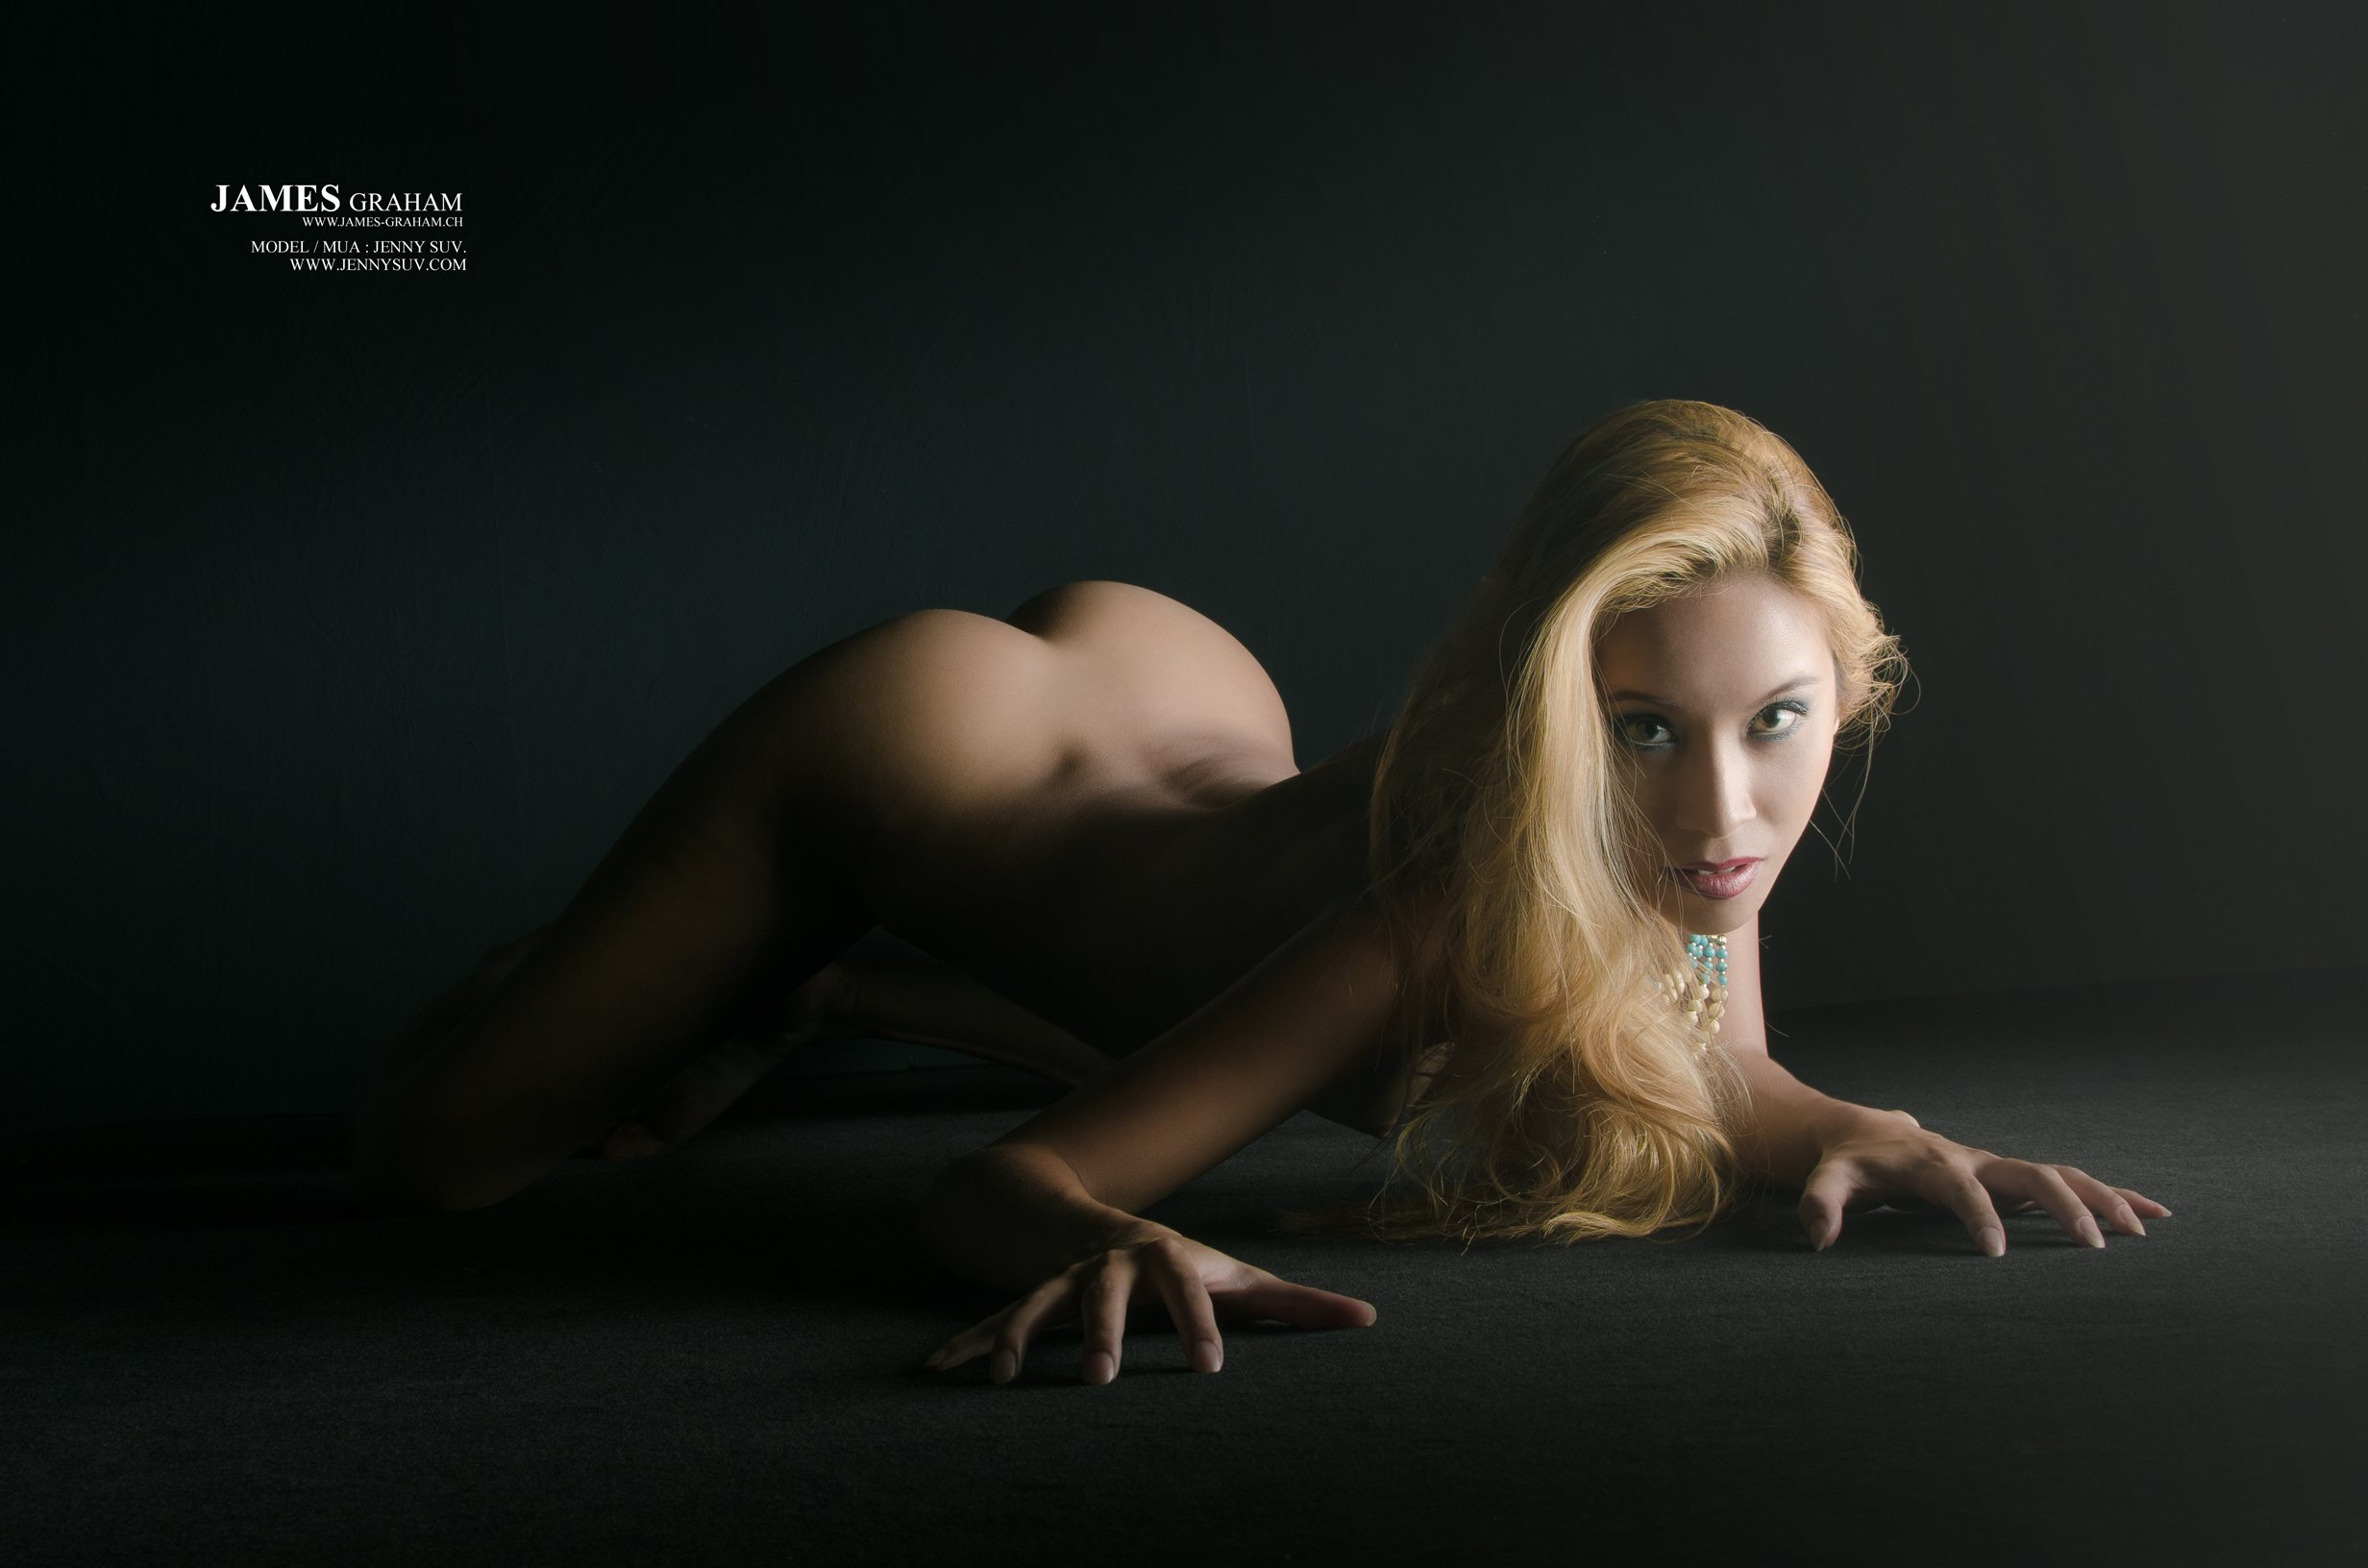 jenny suv femme genève modèle mannequin suisse maquilleuse danseuse nu charme